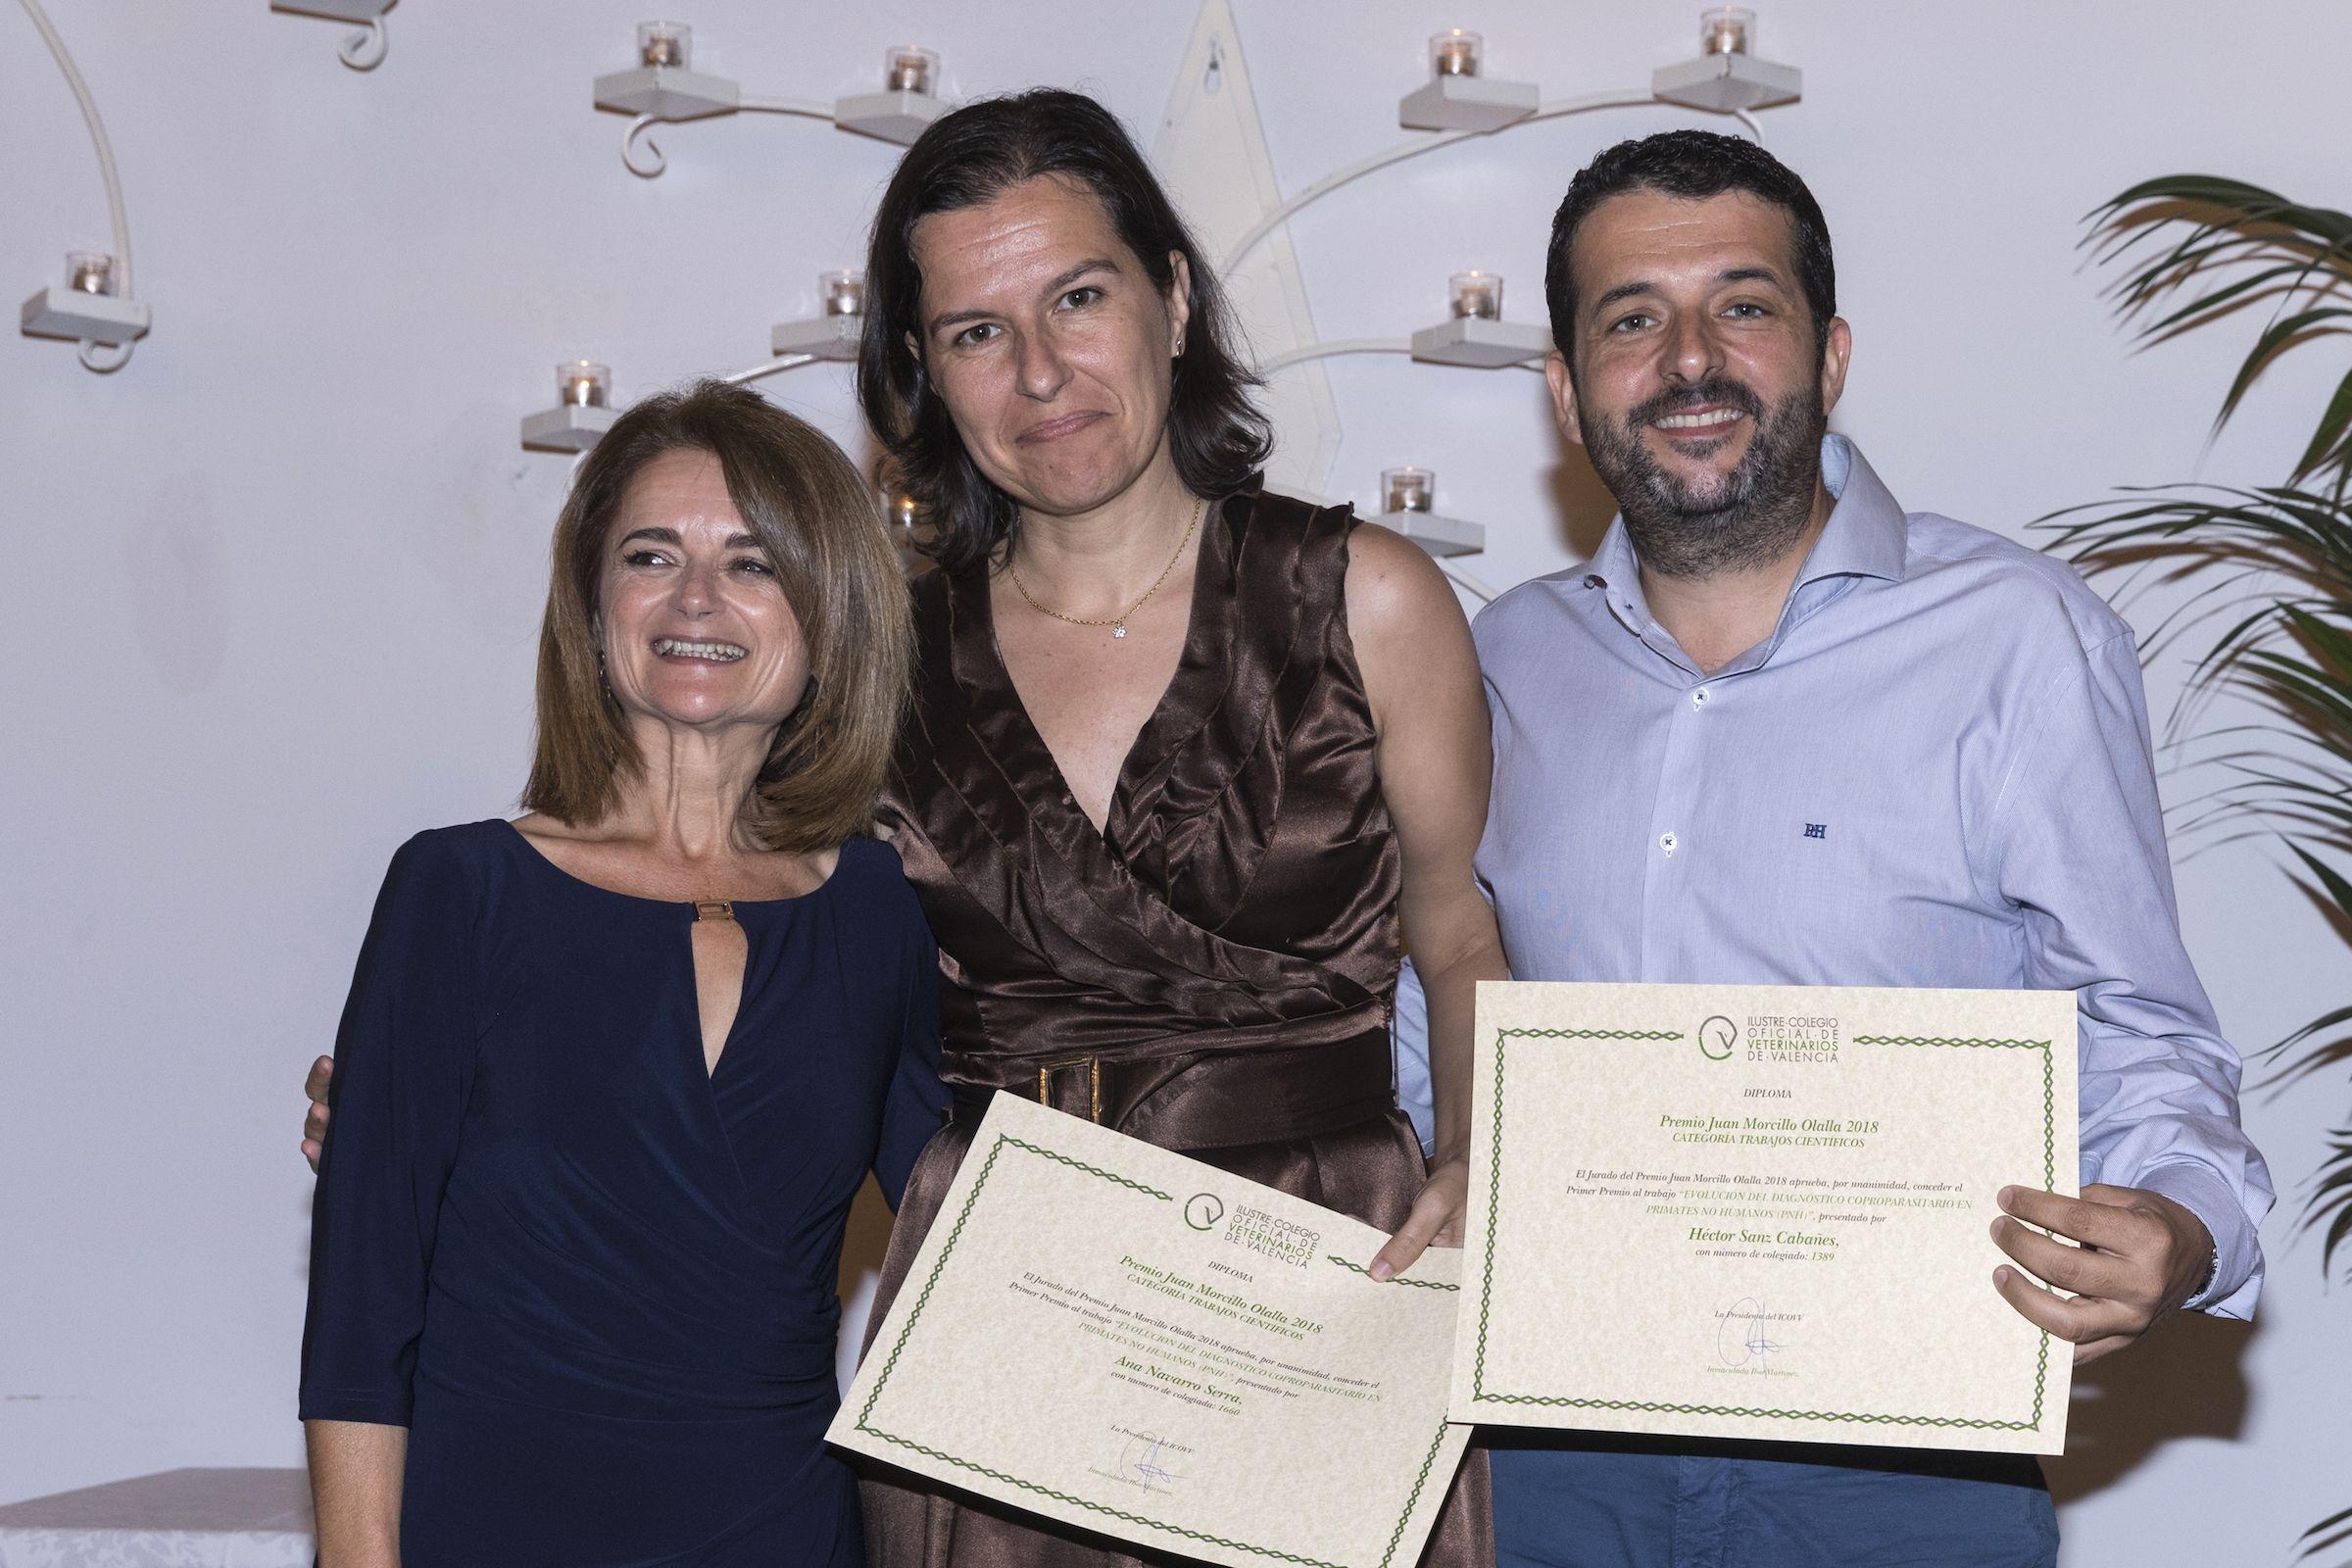 La presidenta del ICOVV, Inmaculada Ibor, entregando el premio a los profesores de Veterinaria de la CEU UCH Ana Navarro y Héctor Sanz. Foto: ICOVV.